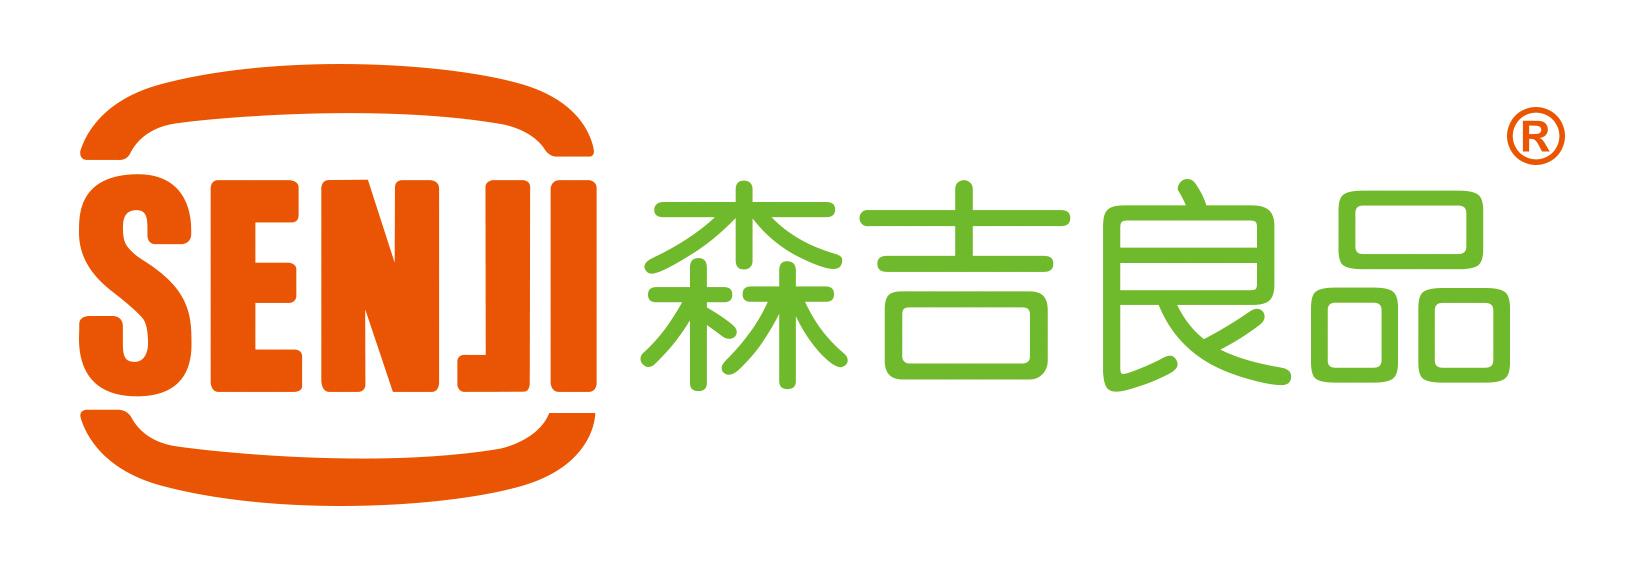 logo logo 标志 设计 矢量 矢量图 素材 图标 1626_570